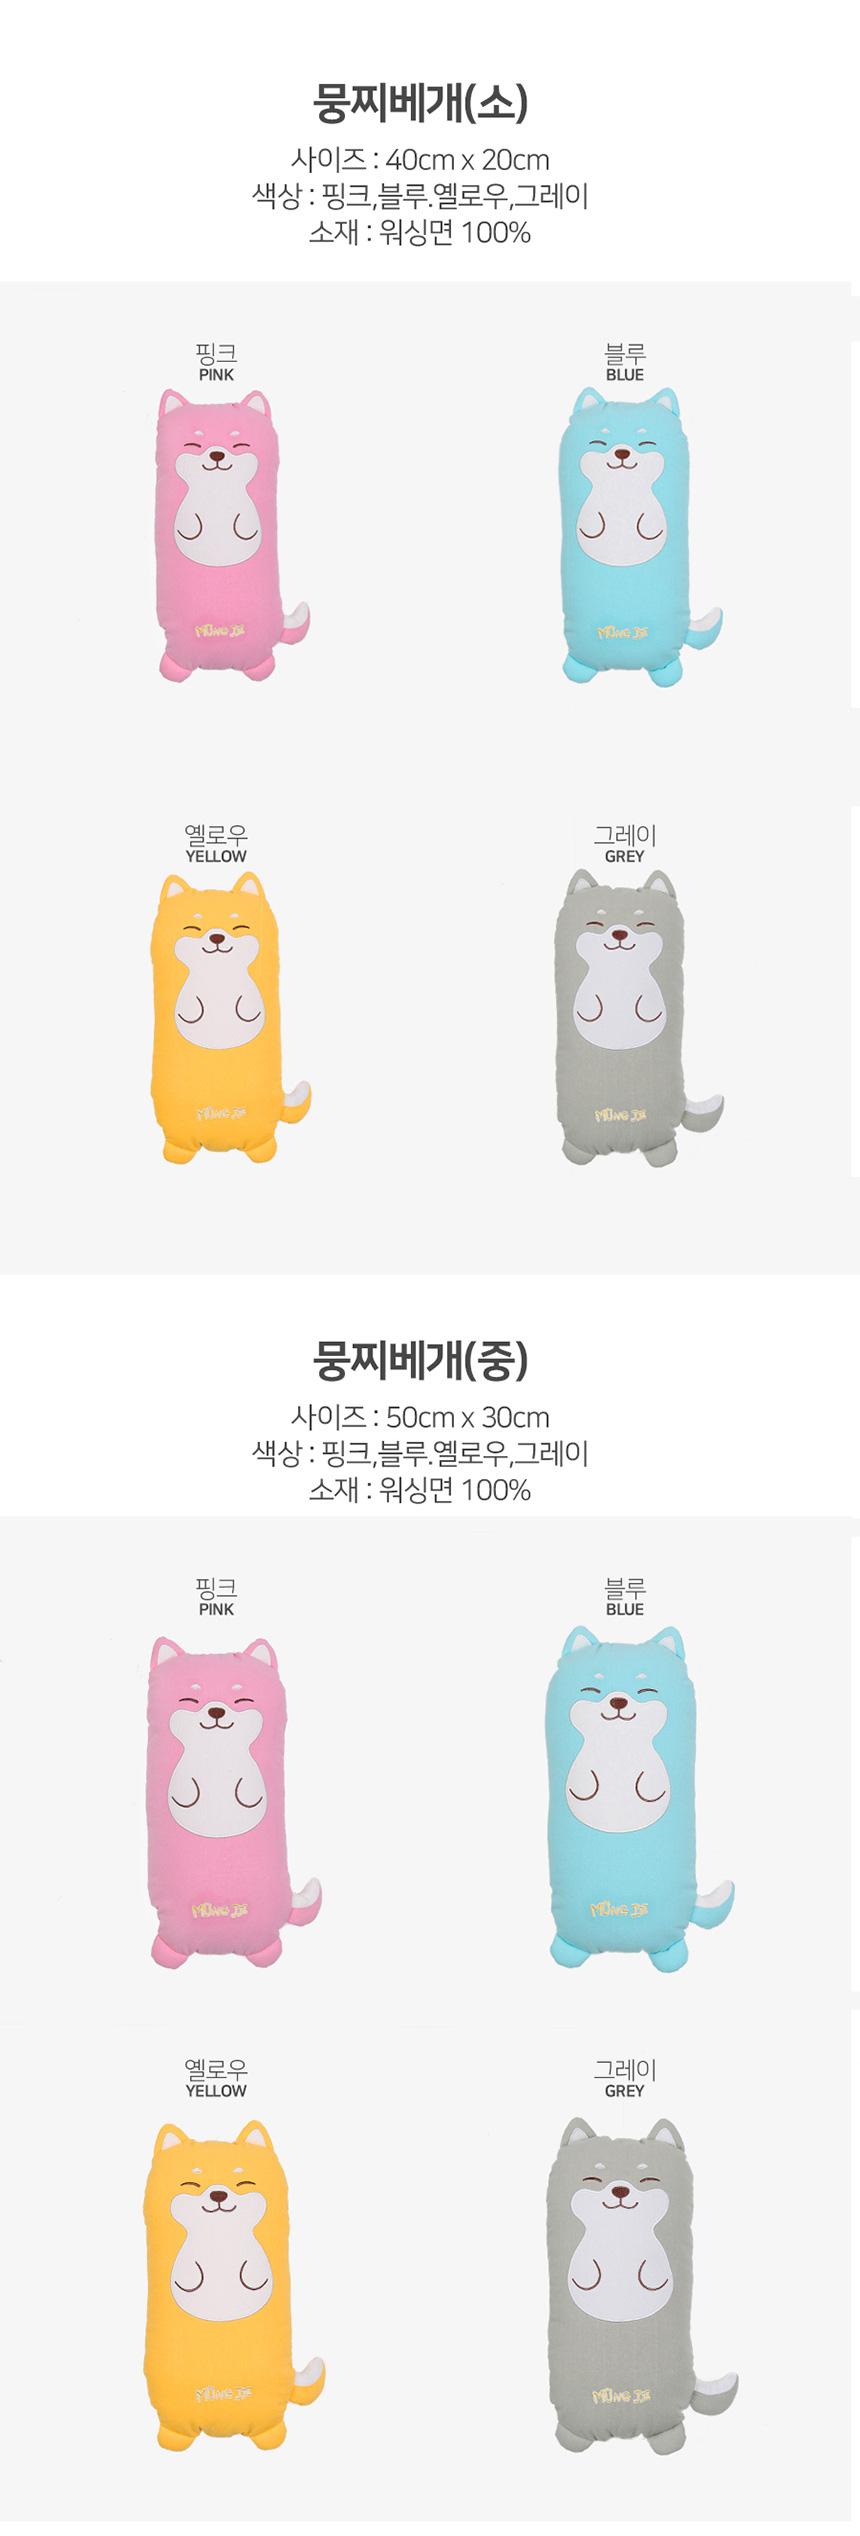 시바견 애착인형 뭉찌 아동베개 (대) - 조우니, 13,900원, 베개, 일반 베개